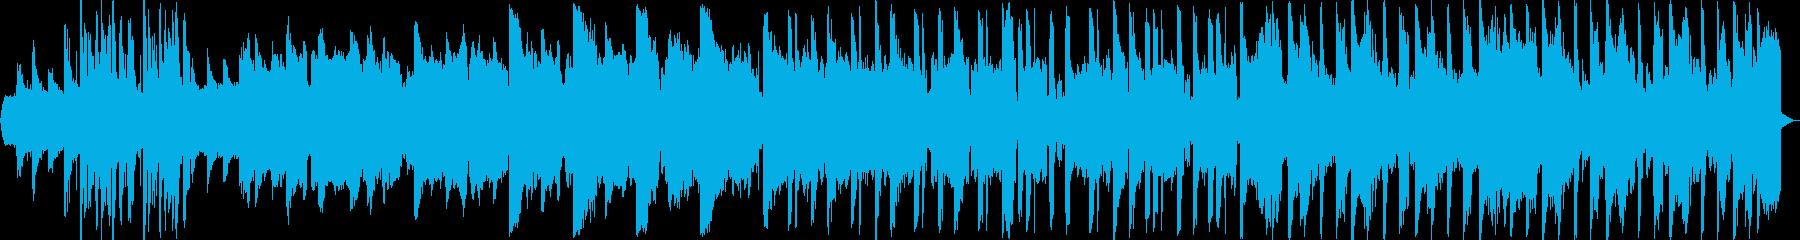 ほのぼのしたエレクトロの再生済みの波形